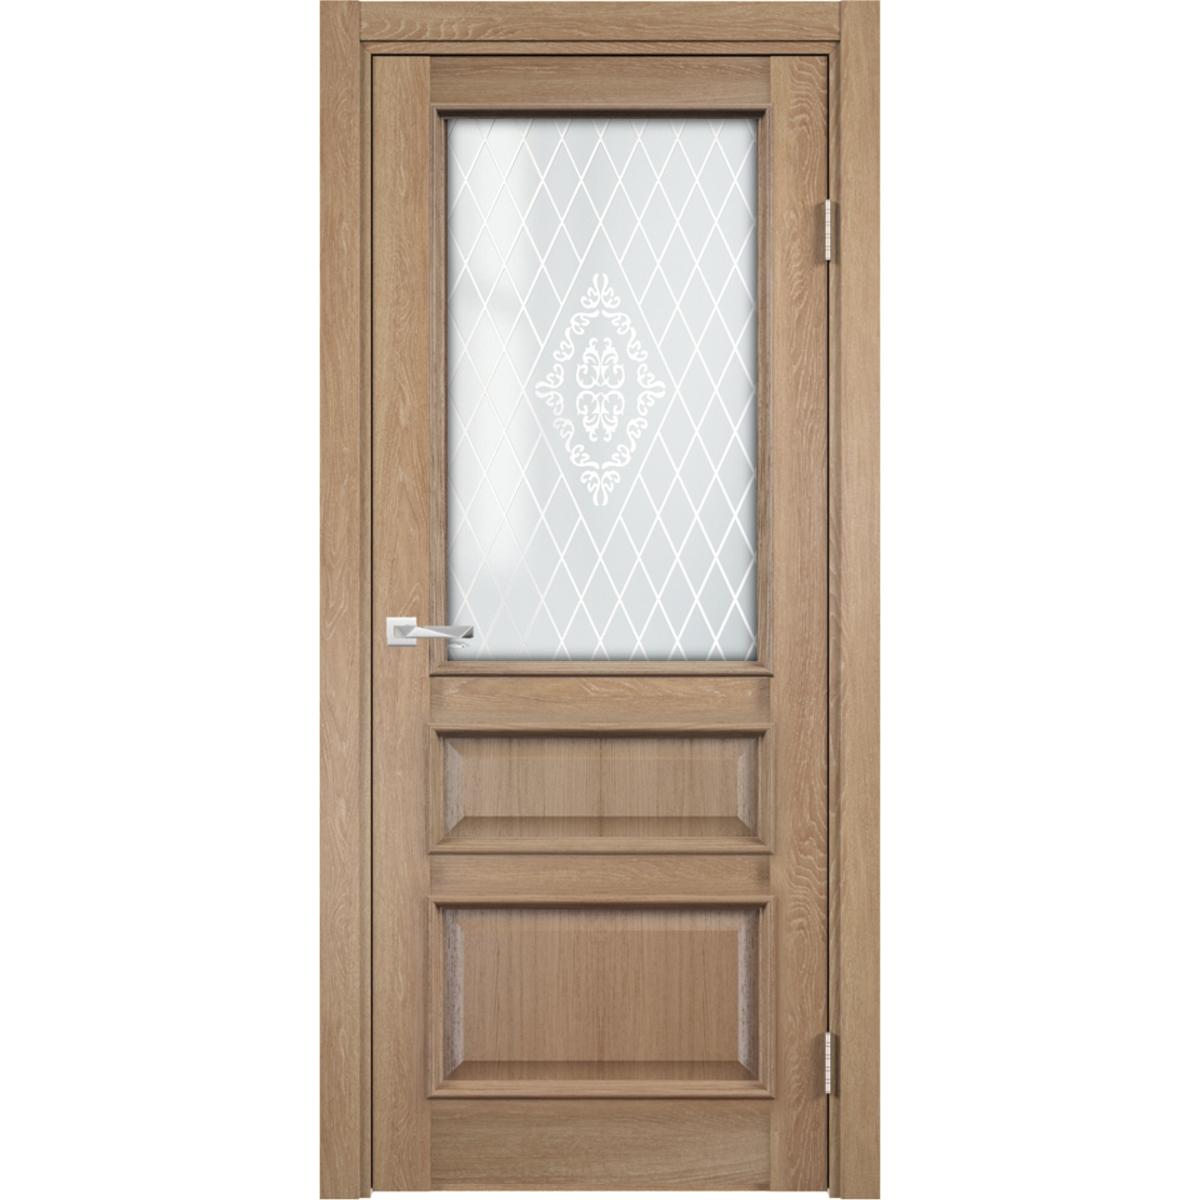 Дверь межкомнатная остеклённая с замком в комплекте Барселона 200x60 см ПВХ цвет орех